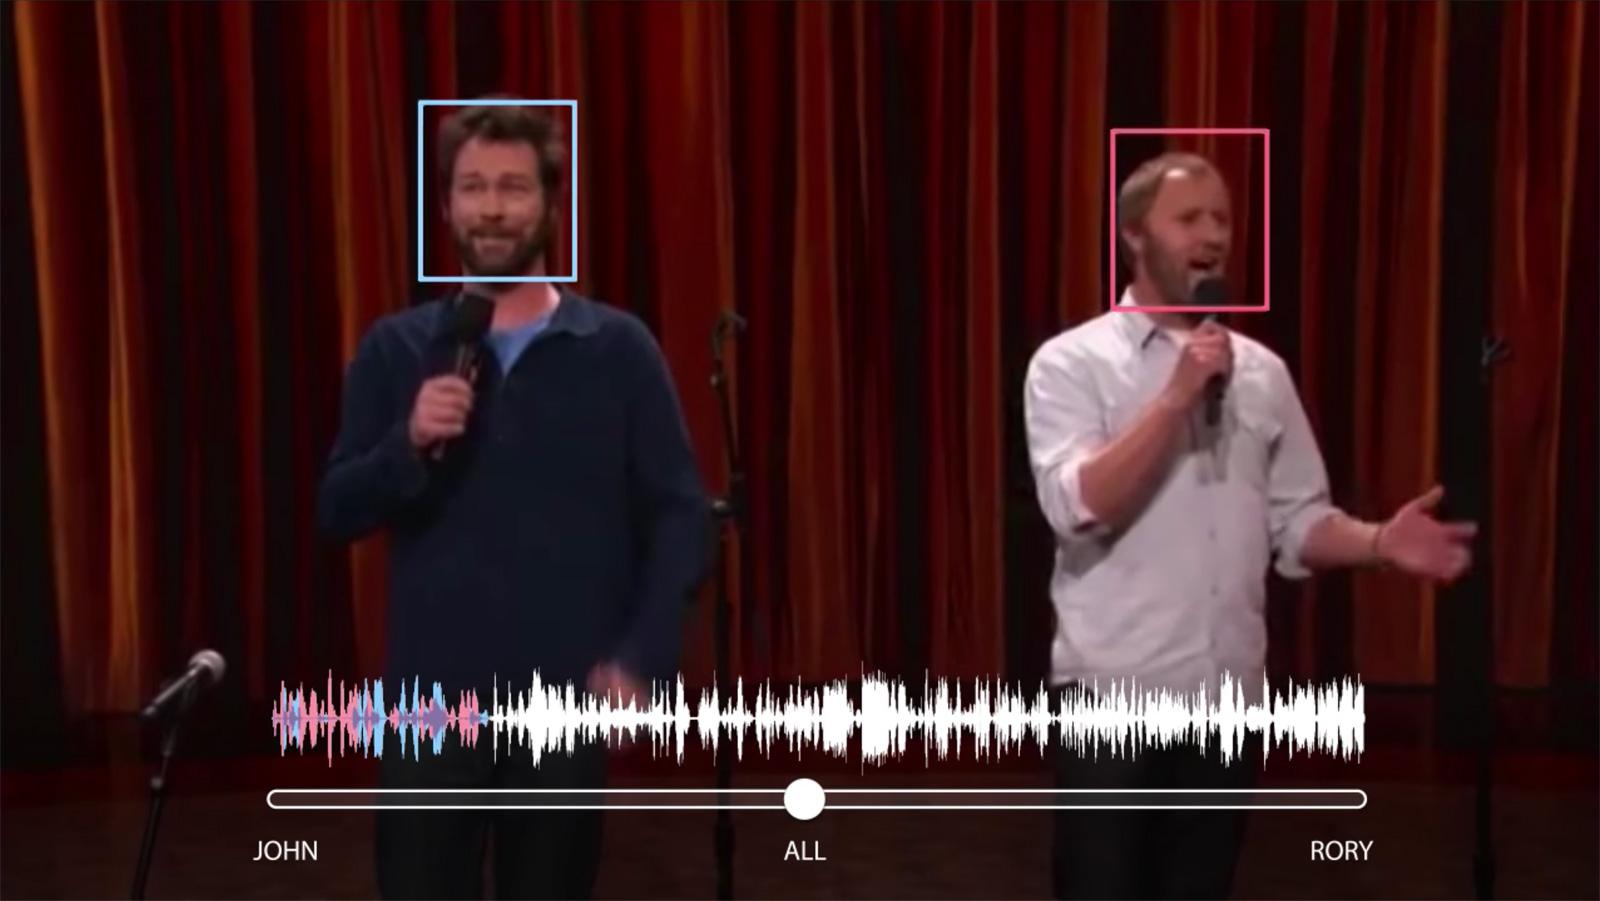 谷歌的新 AI 技术可以将两个同时在说话的人声分离出来